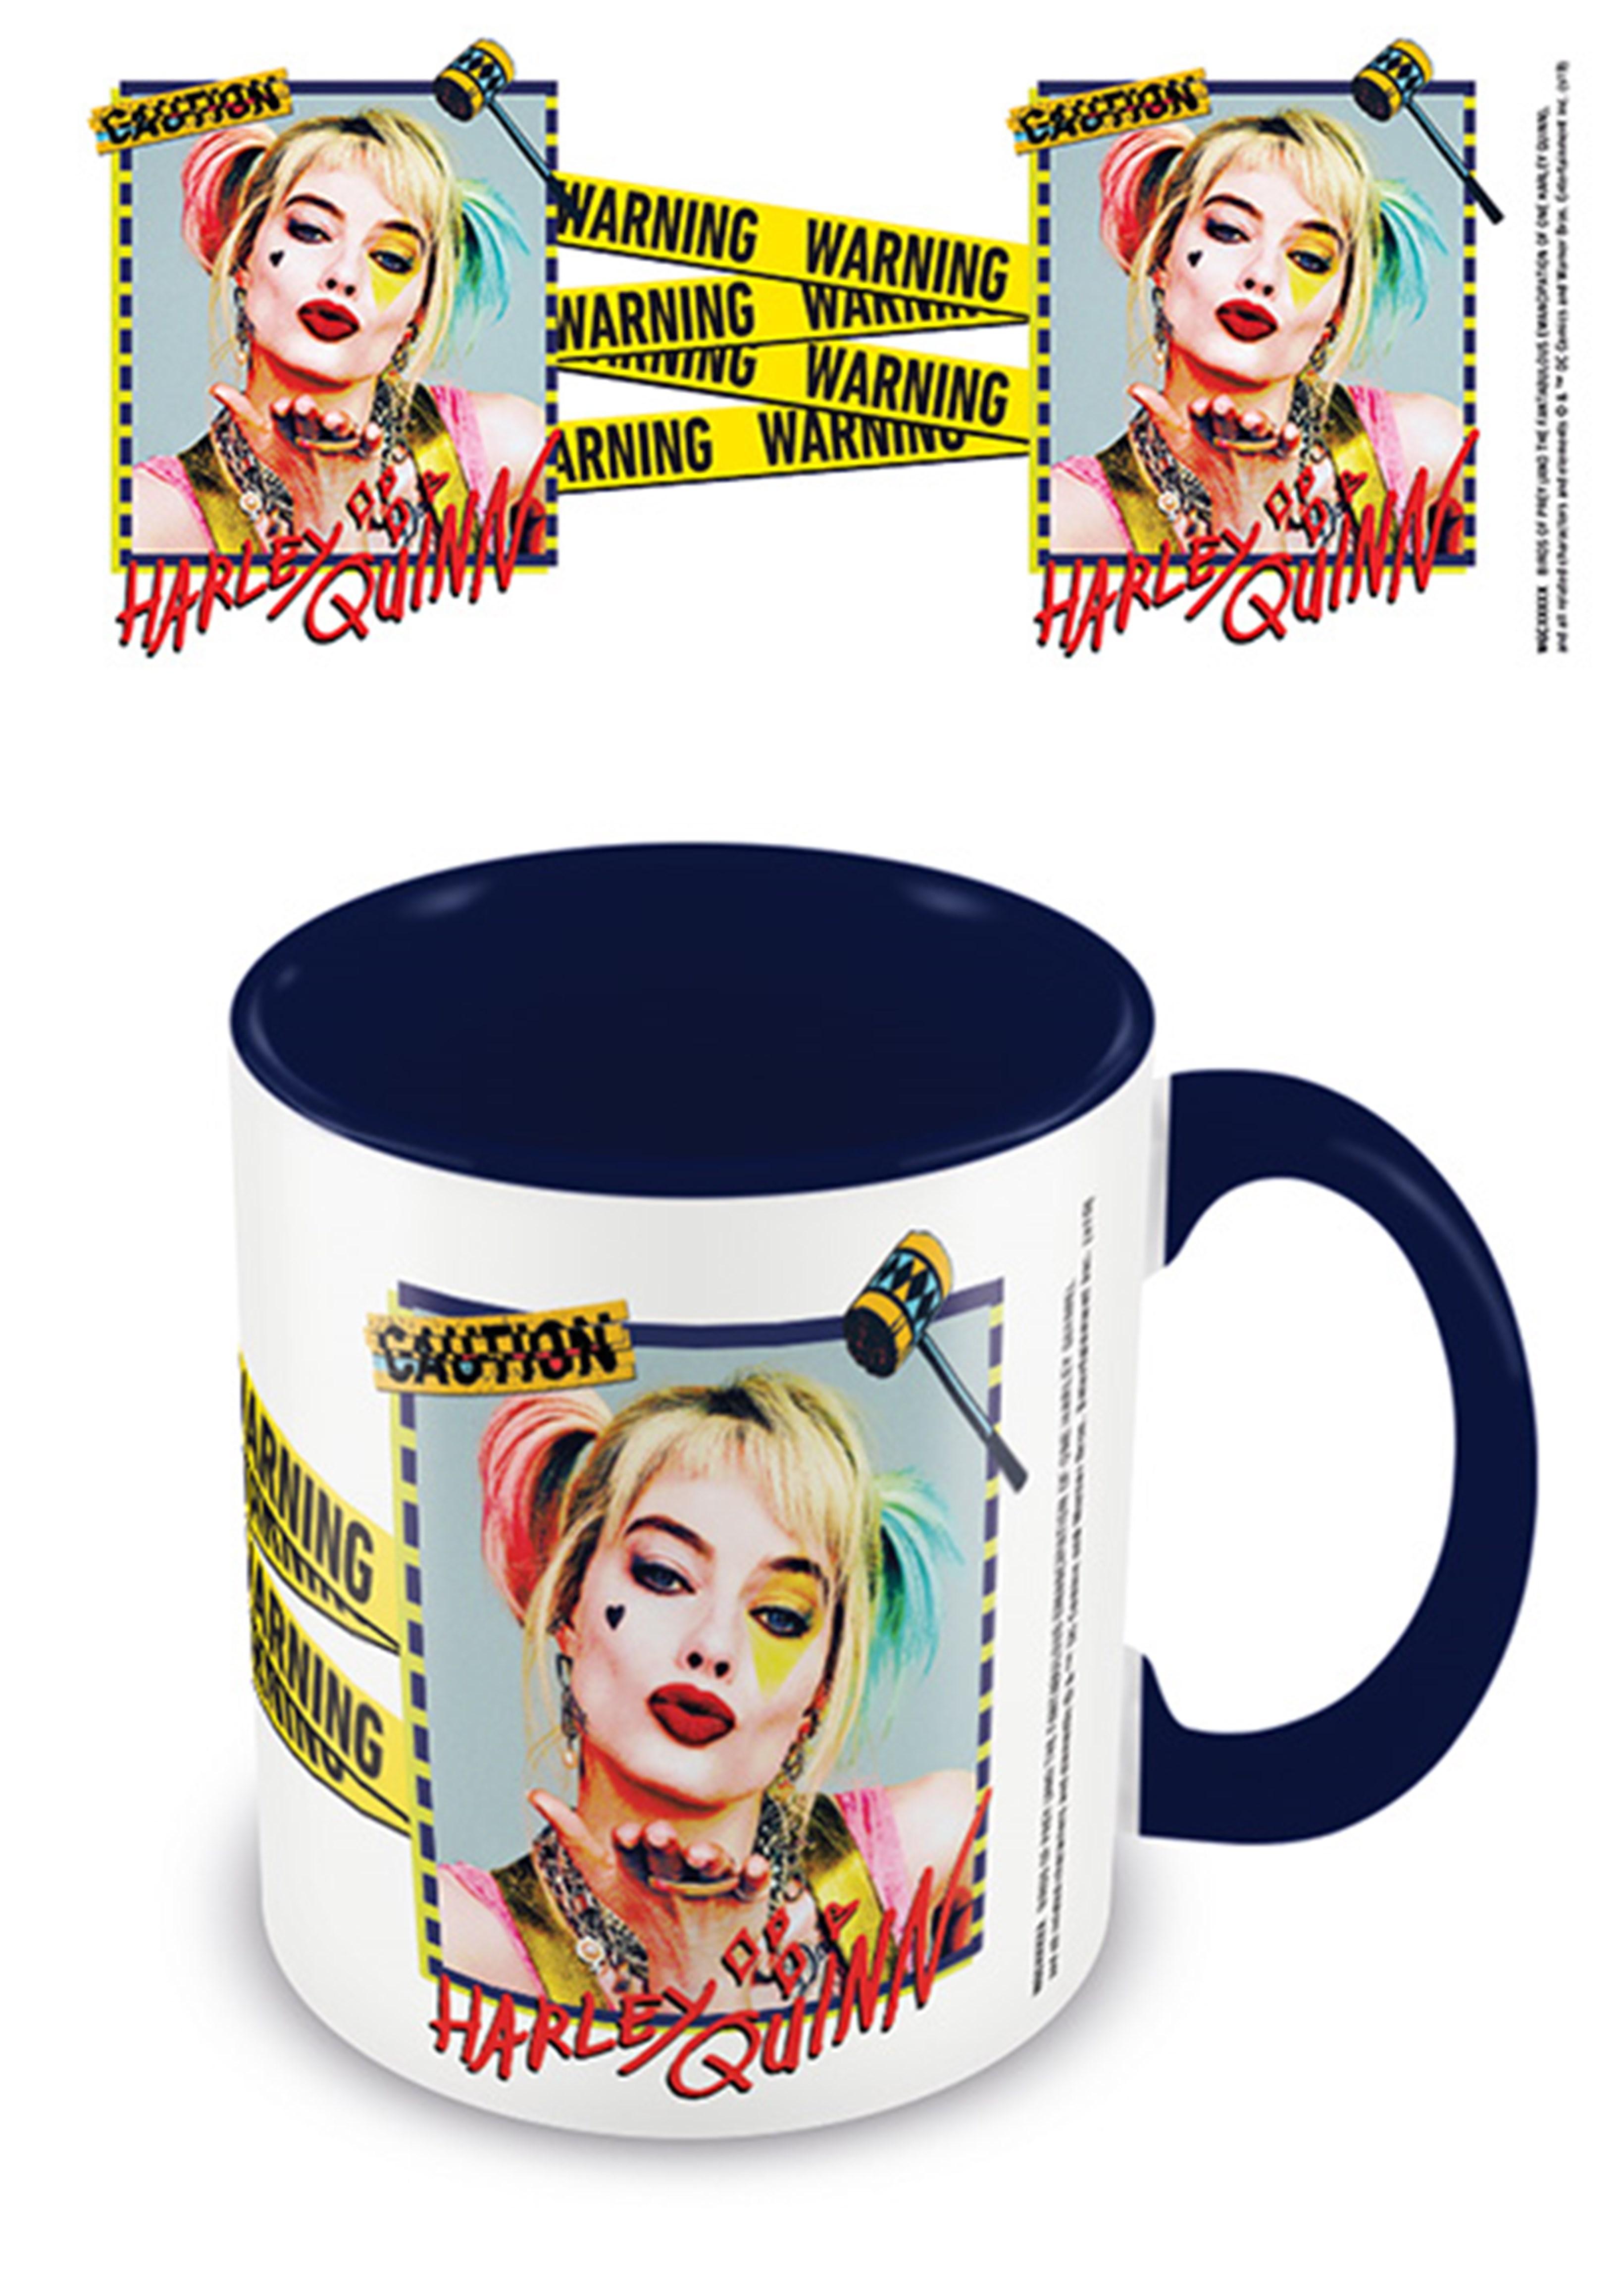 Coloured Inner Mug: Birds Of Prey (Harley Quinn Warning) Black - 1